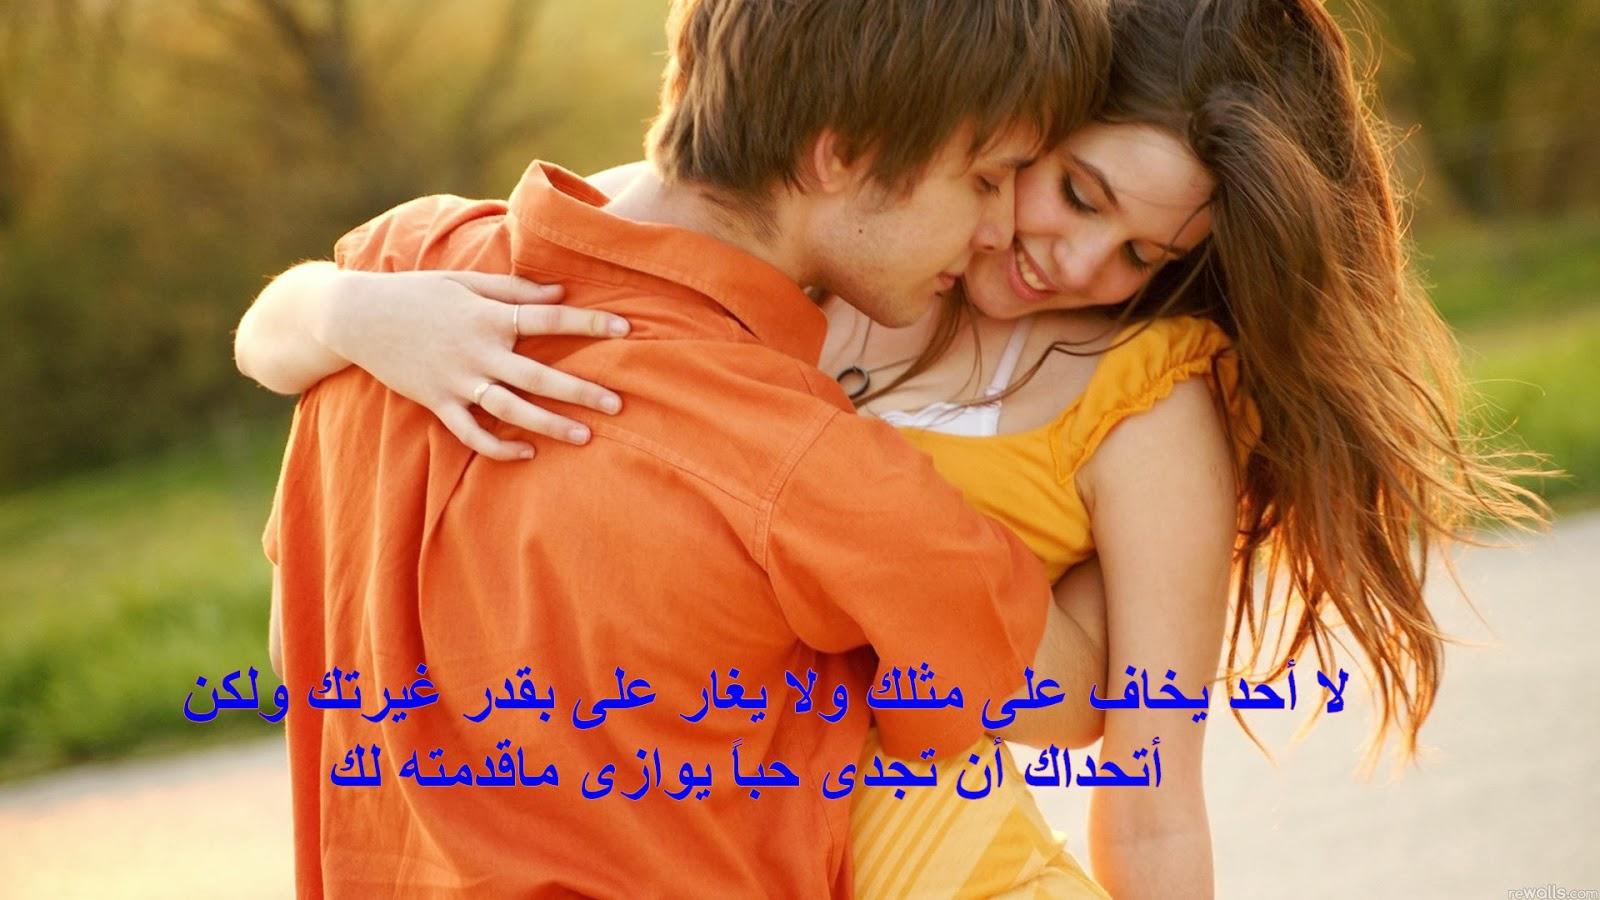 صورة صور حب مكتوب عليها , خلي بالك علي قلبك من كتر الحب